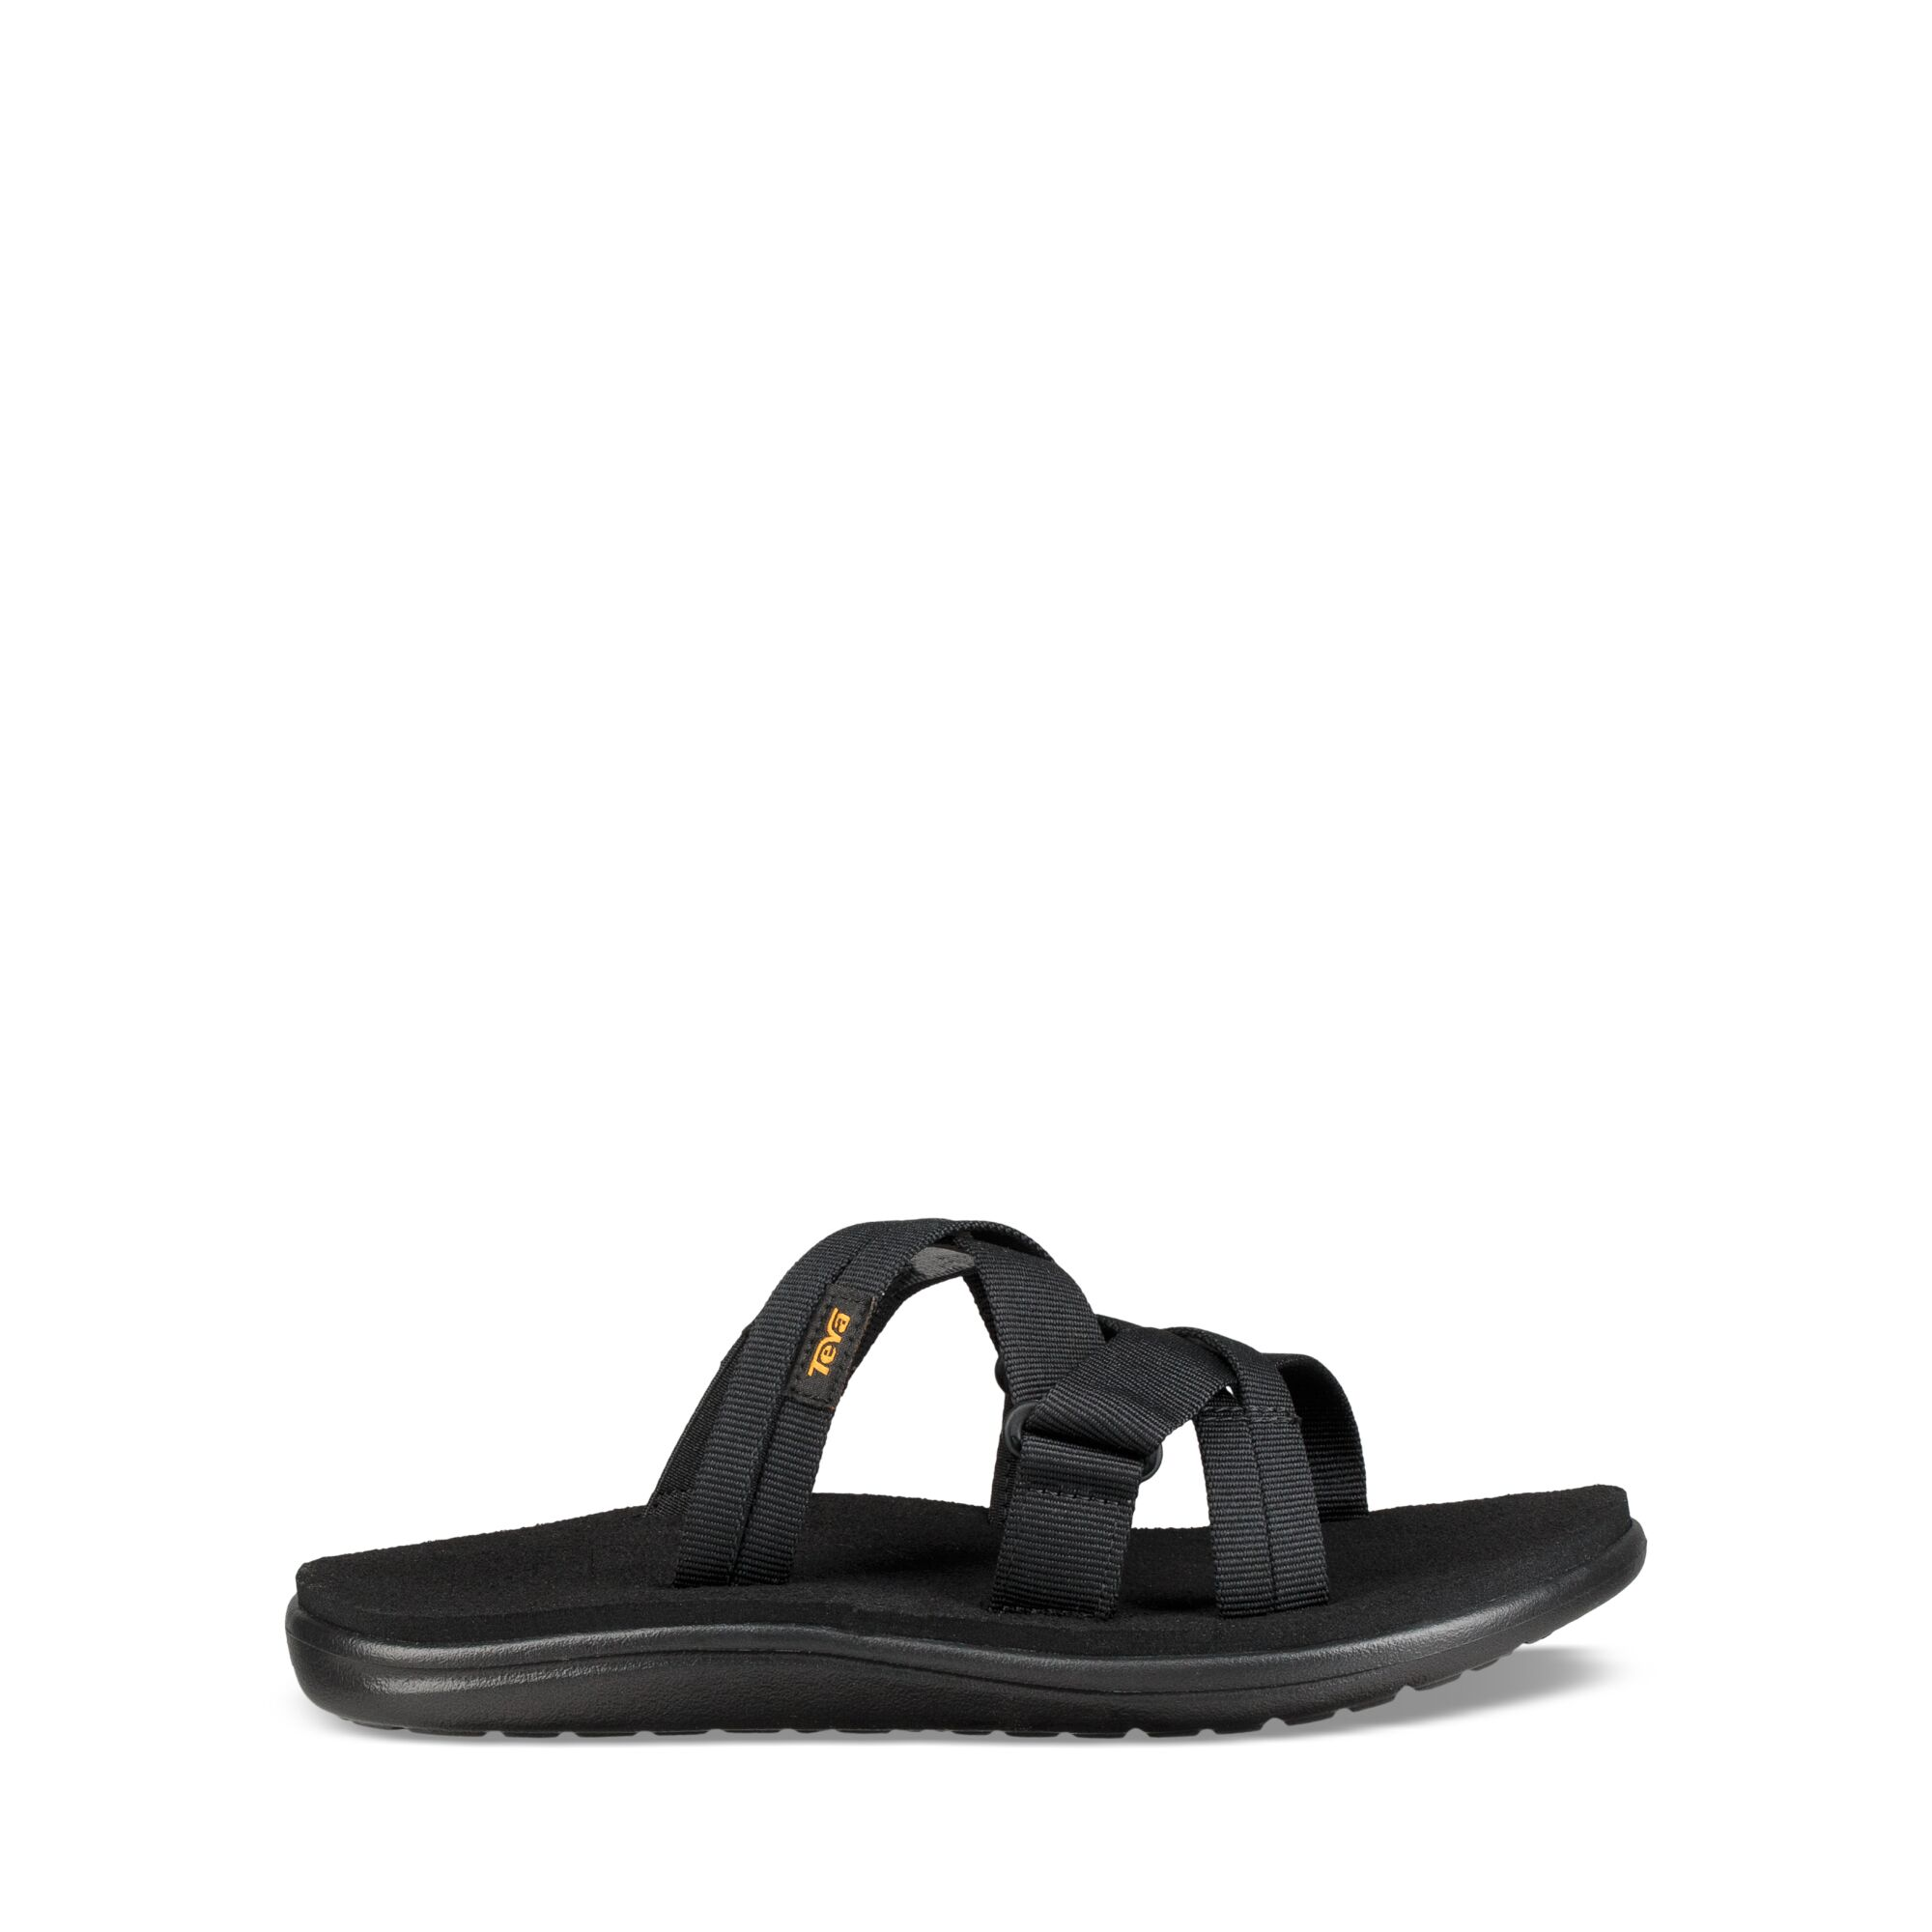 Teva W Voya Slide - Sandal til dame - Sort | Shoes and overlays